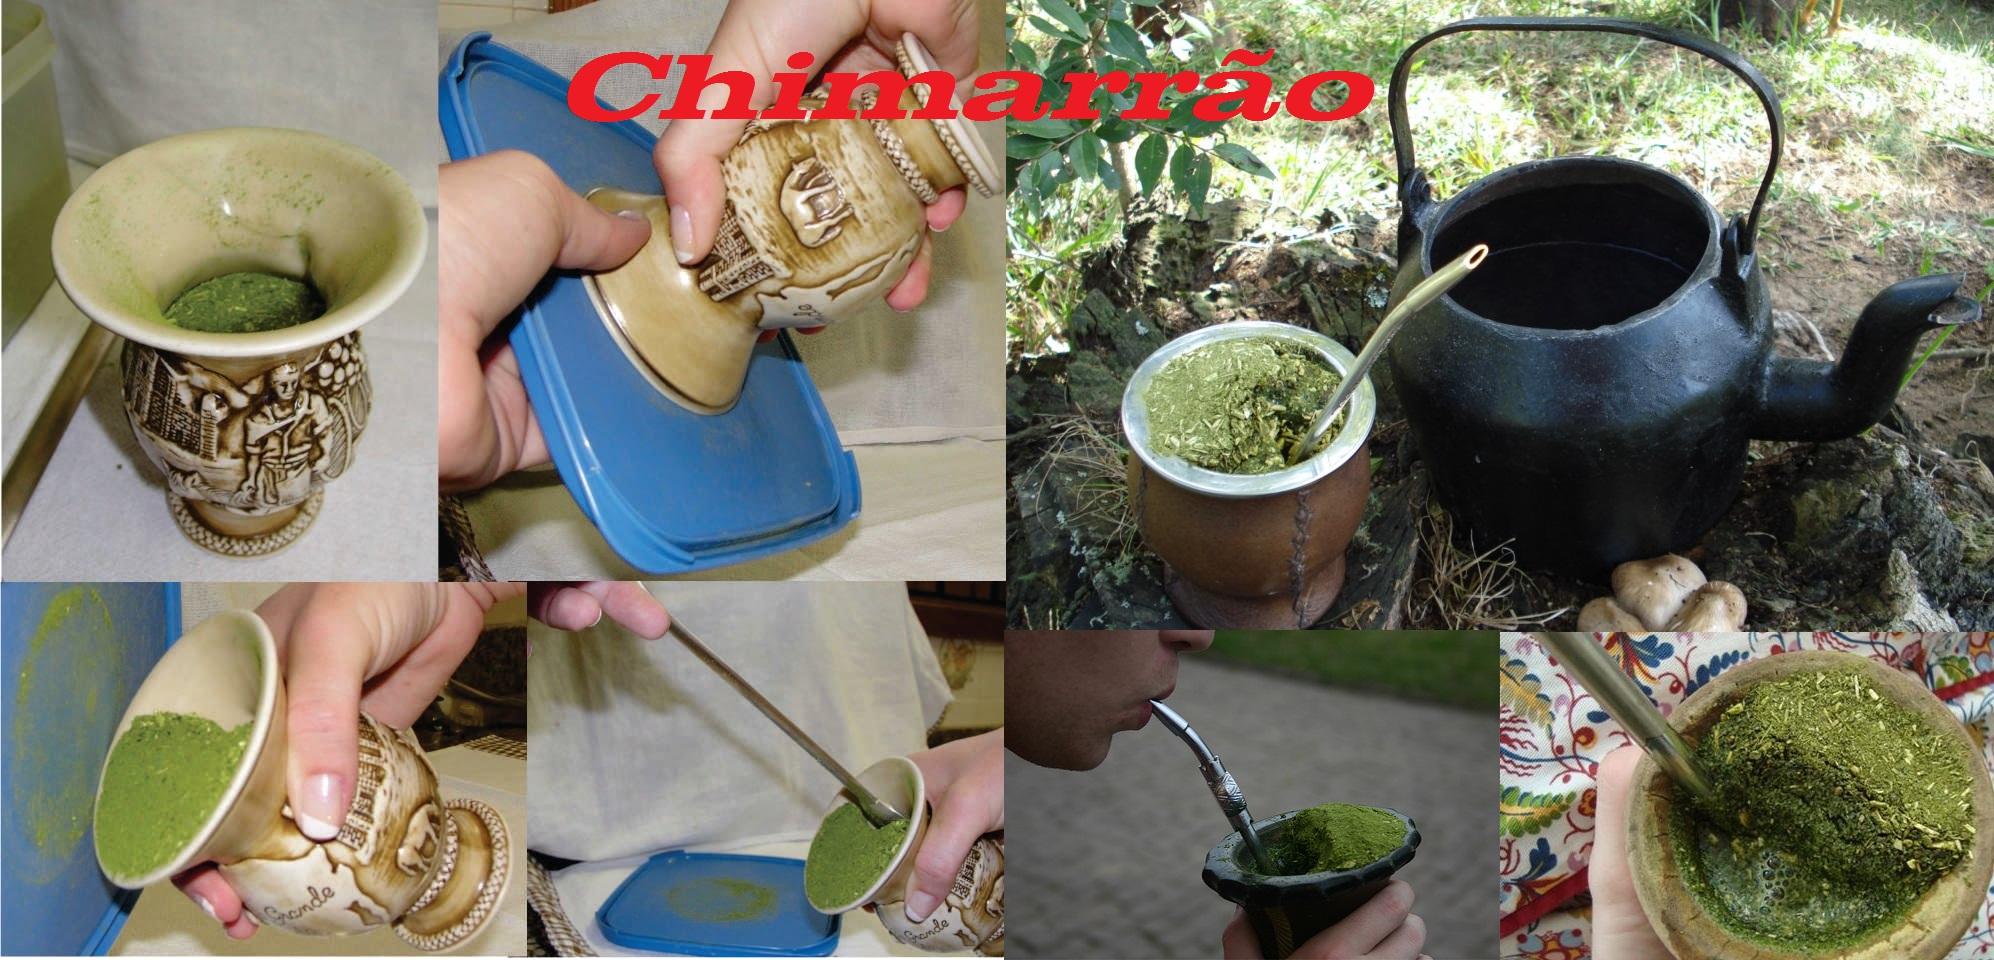 Beneficios_do_Chimarrao